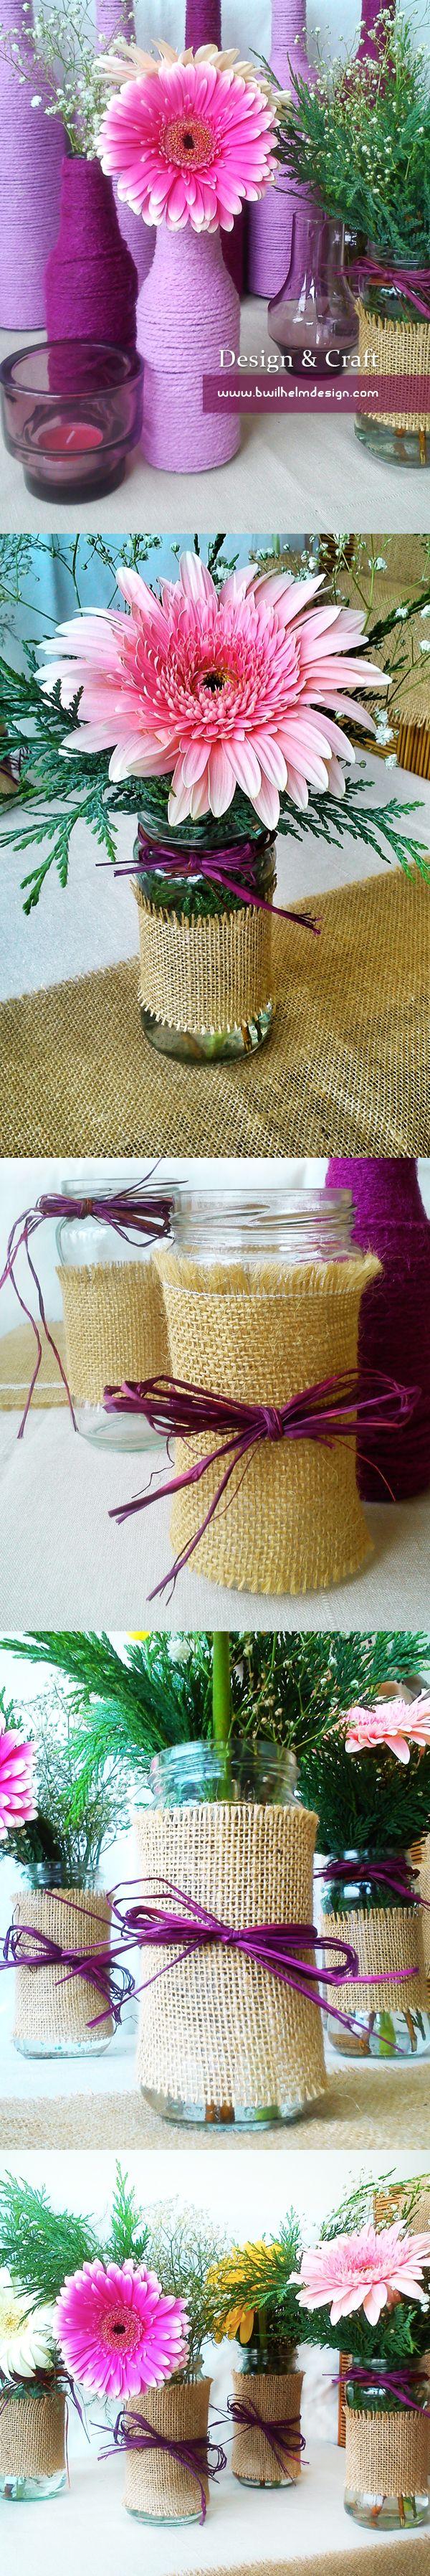 Floreros de gerberas hechos con botes de mermelada y decorados con tela de yute y lazos de rafia granate.  Vase made with reused jars and burlap www.bwilhelmdesign.com